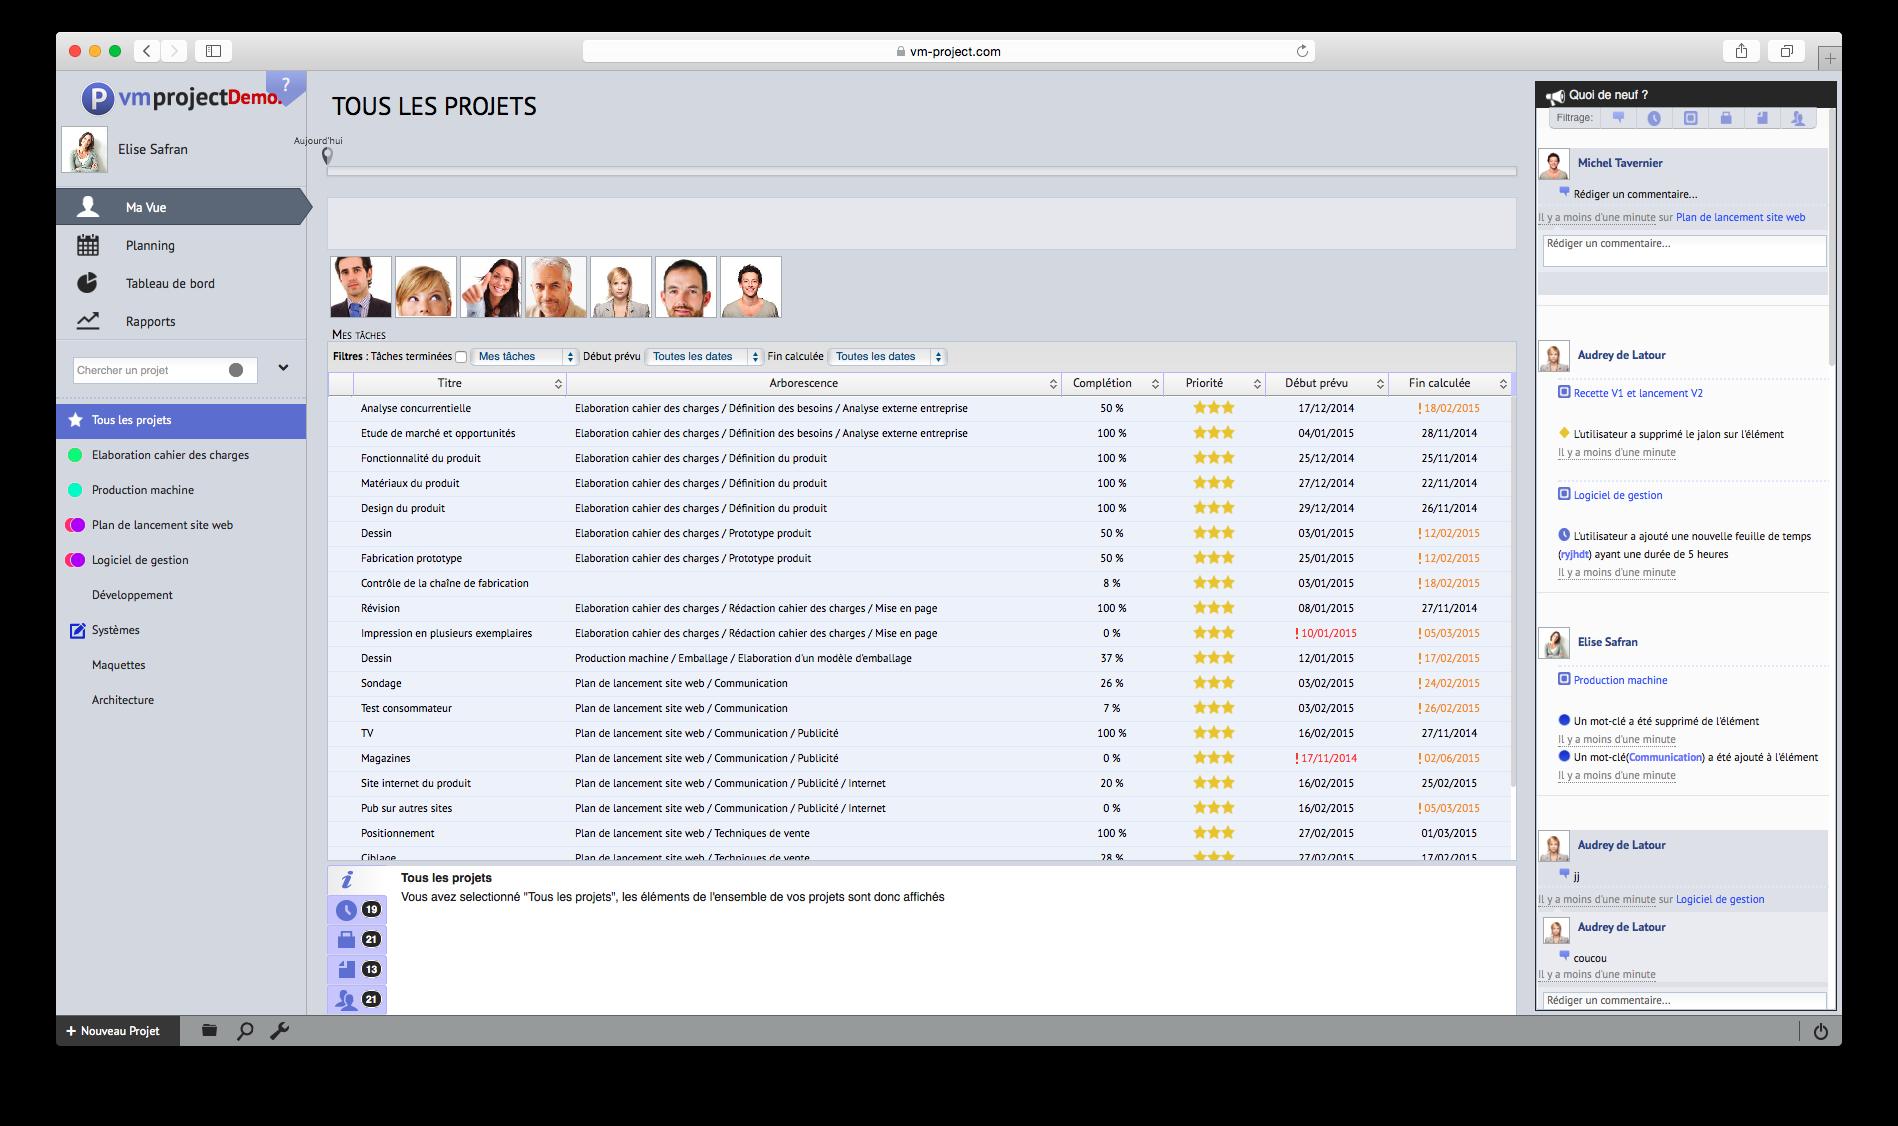 VMproject: Gestion de tickets, Contrôle strict des accès aux serveurs, Vérification de présence